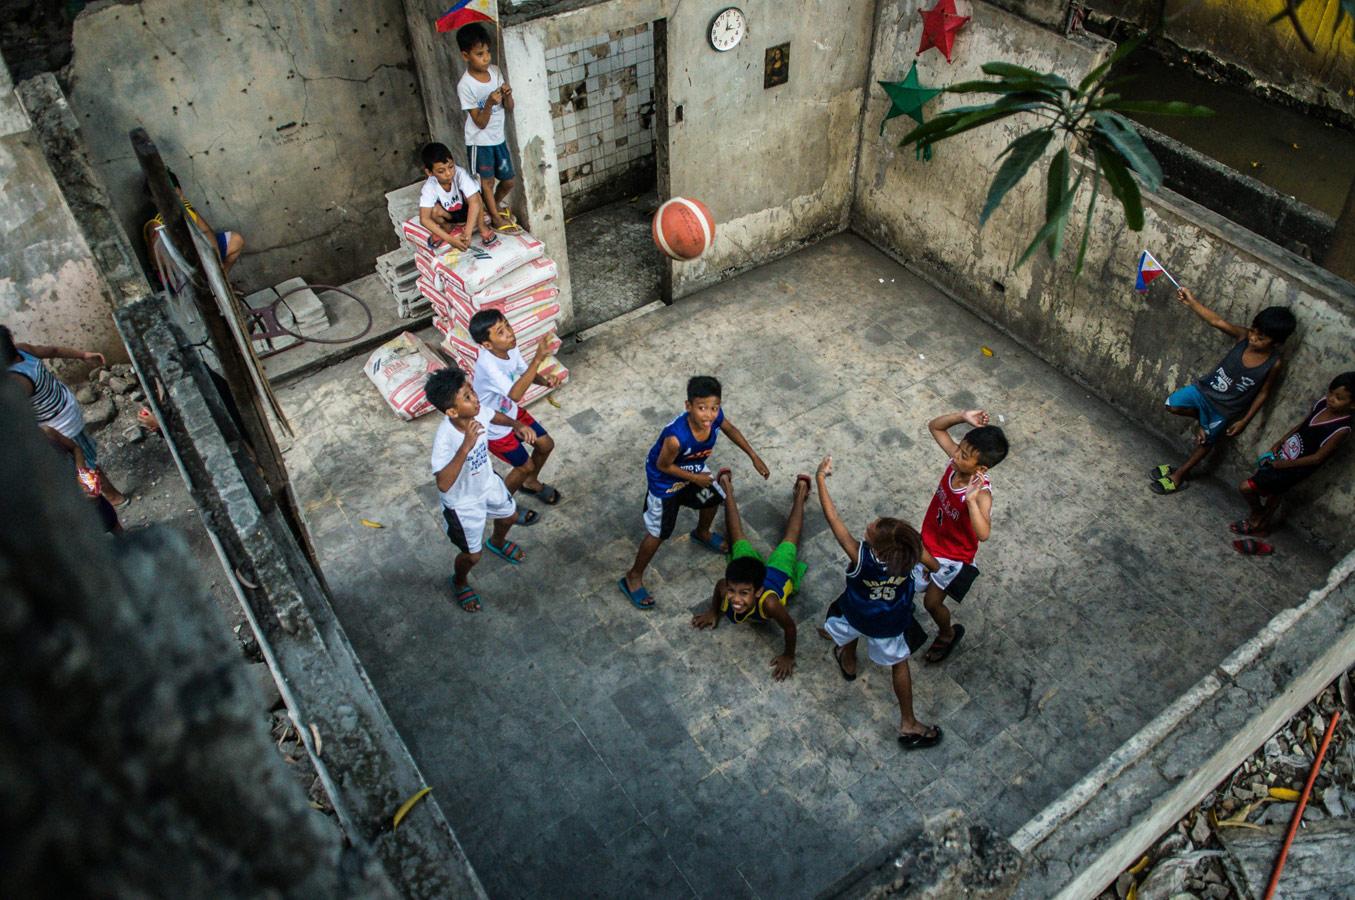 © Ноеми, Фотоконкурс Международной федерации баскетбола — FIBA Photo Contest